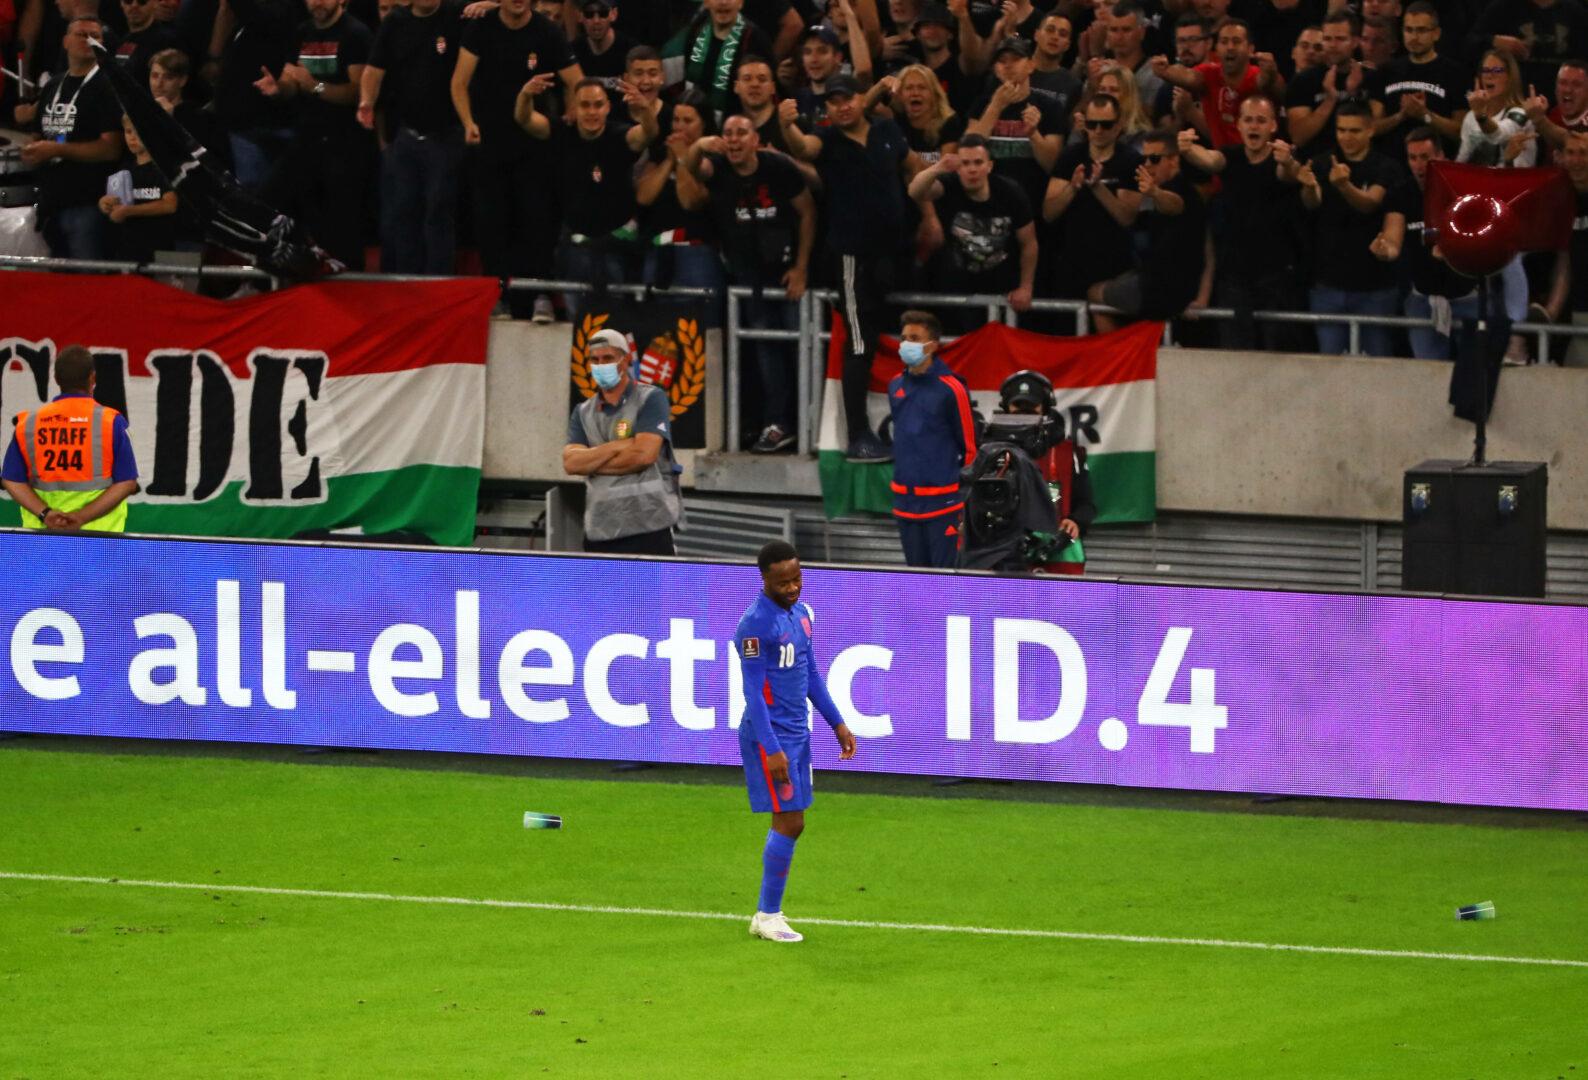 Rassismusvorfälle bei Ungarn gegen England: FIFA eröffnet Diszipliniarverfahren